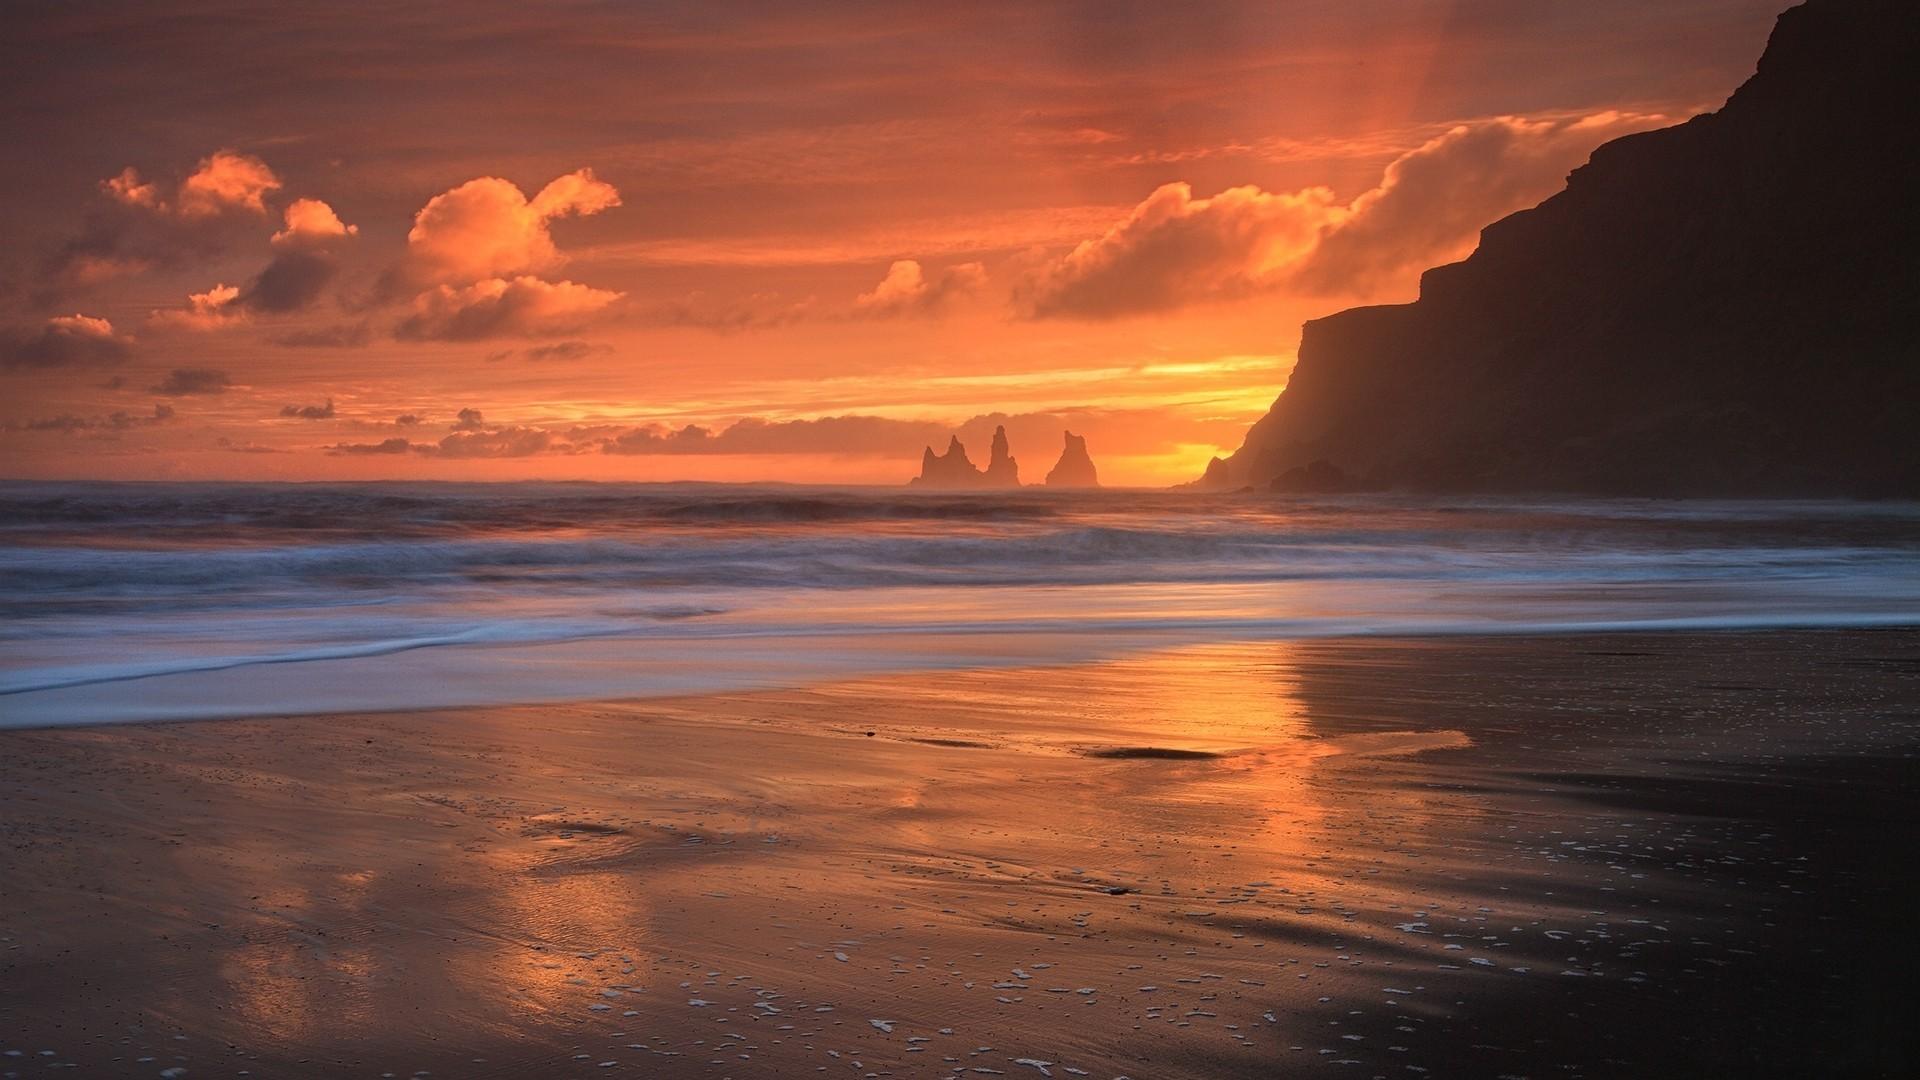 регулярно картинка закат океан название буквы альфа